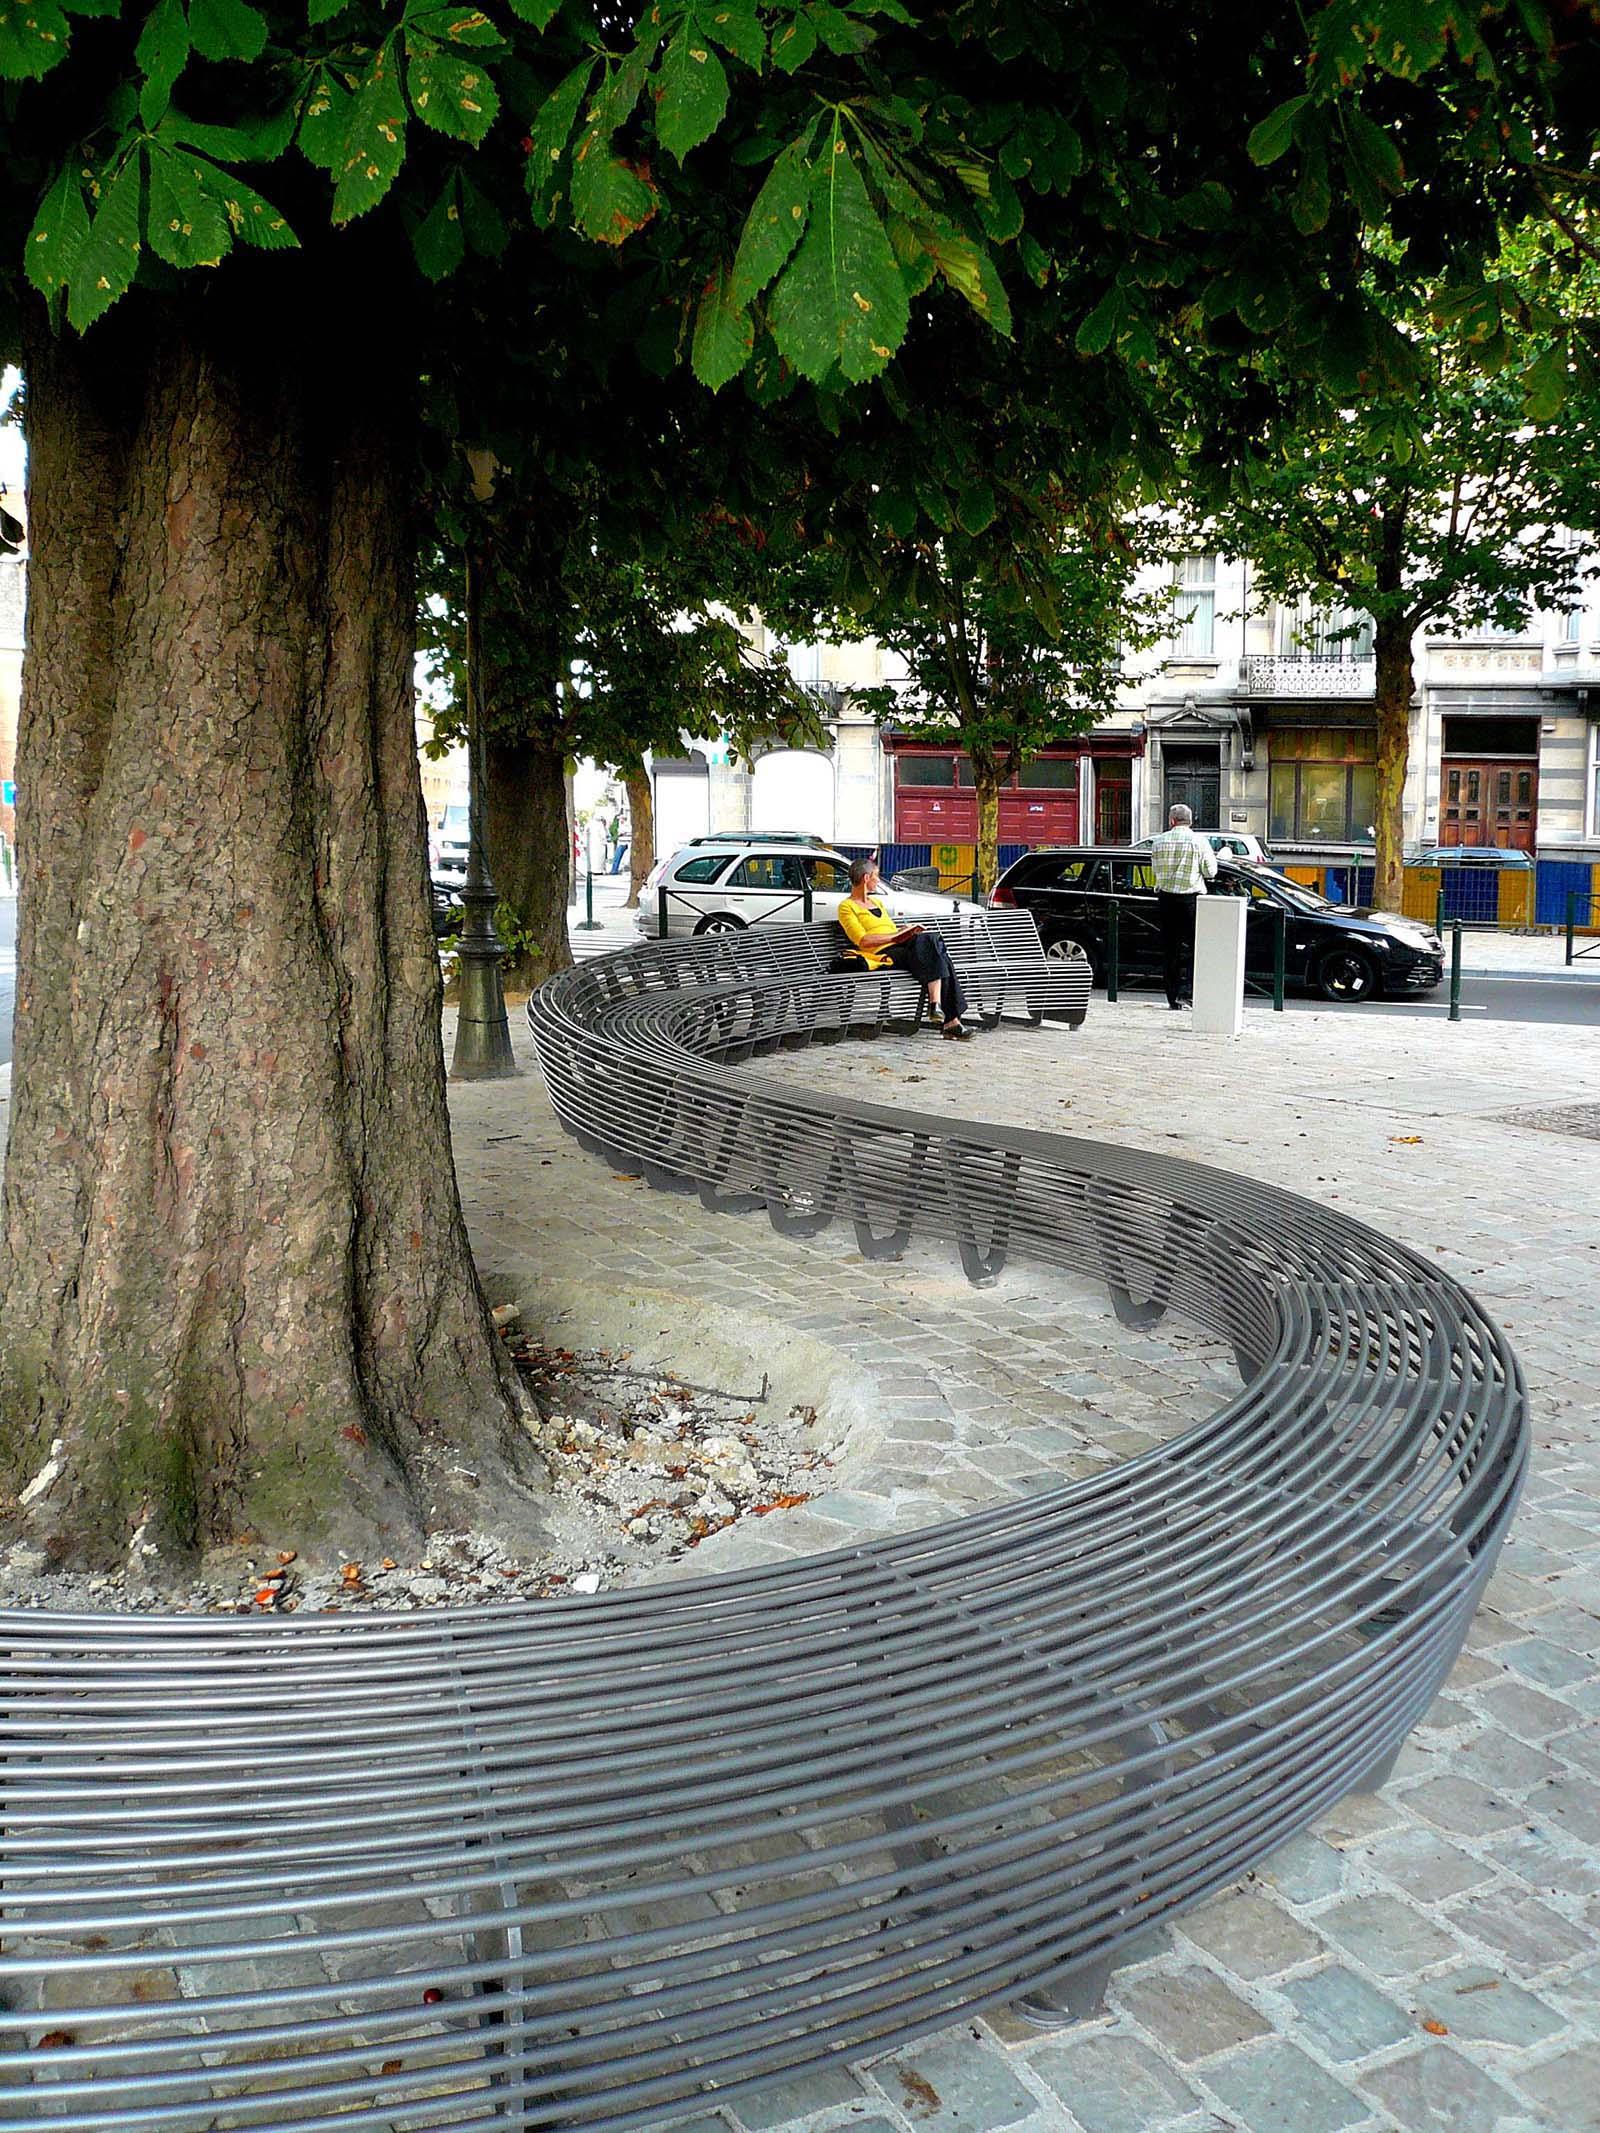 circular bench_Bruxelles 1080_Lucile Soufflet_2